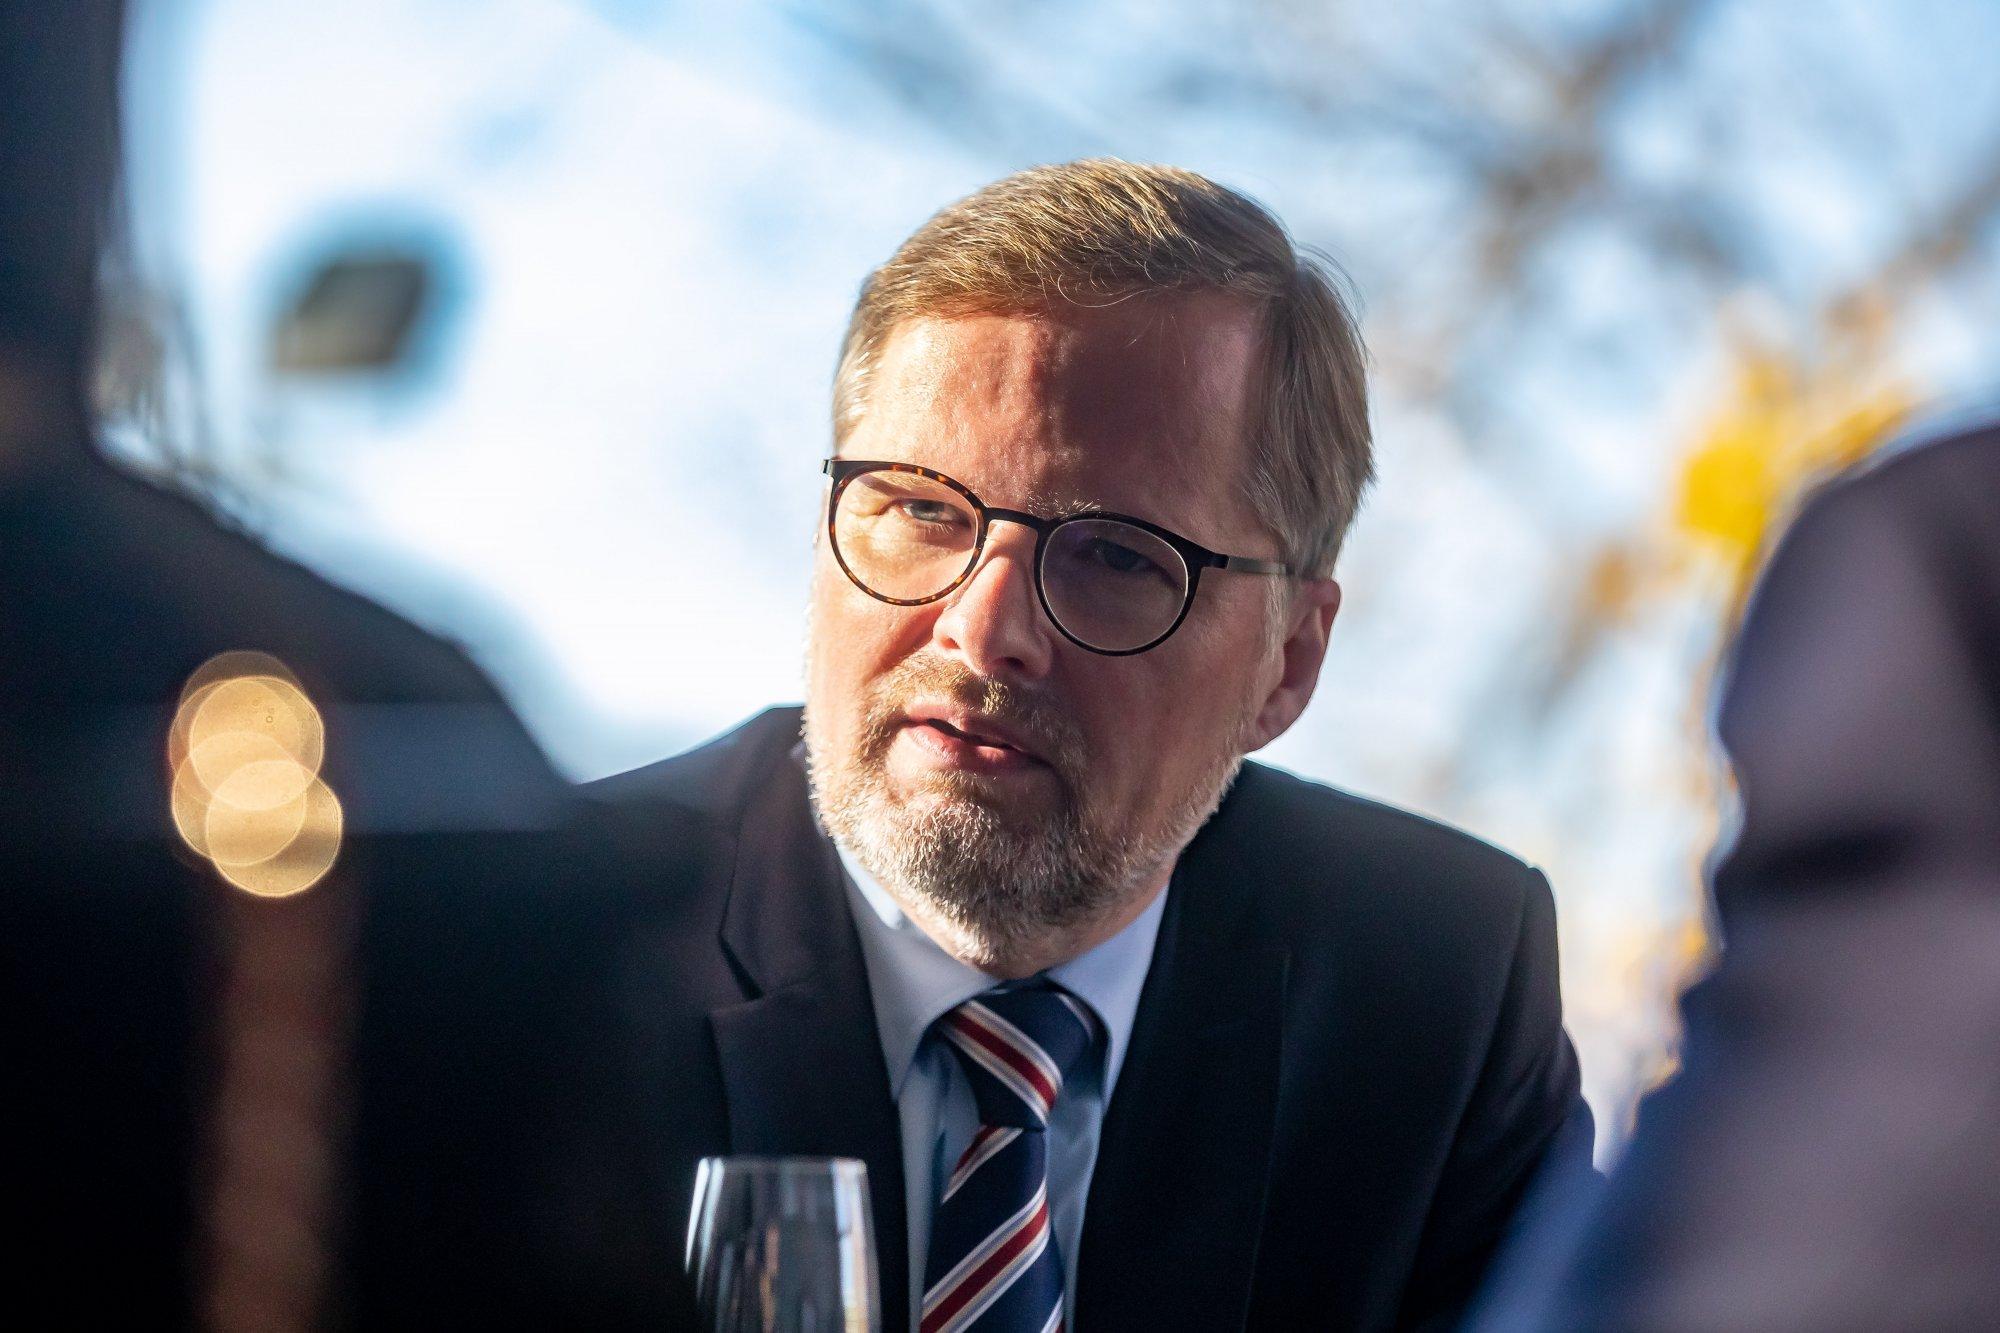 Petr Fiala: Dvacet minut Radiožurnálu: Je důležité, aby lidé slyšeli, že právo platí pro všechny